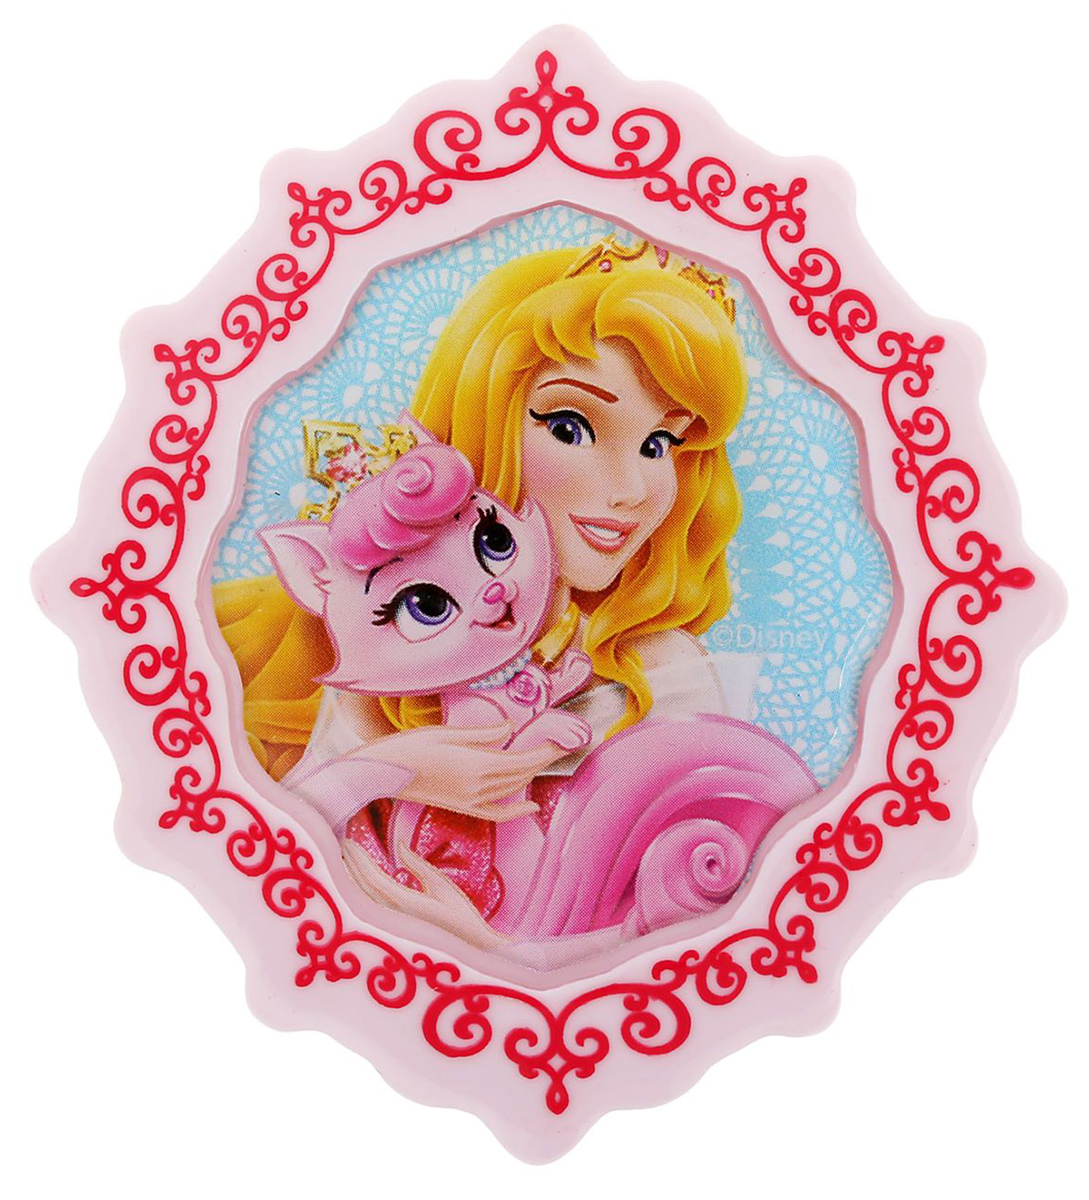 Дарите радость с Disney!  Удивите малышей уникальным сувениром с любимым персонажем! Он порадует ребёнка стильным дизайном и ярким исполнением. Красочный акриловый магнит будет долгие годы украшать холодильник или другую металлическую поверхность.  Изделие дополнено оригинальной открыткой, где можно написать тёплые слова и сделать маленький подарок более личным.